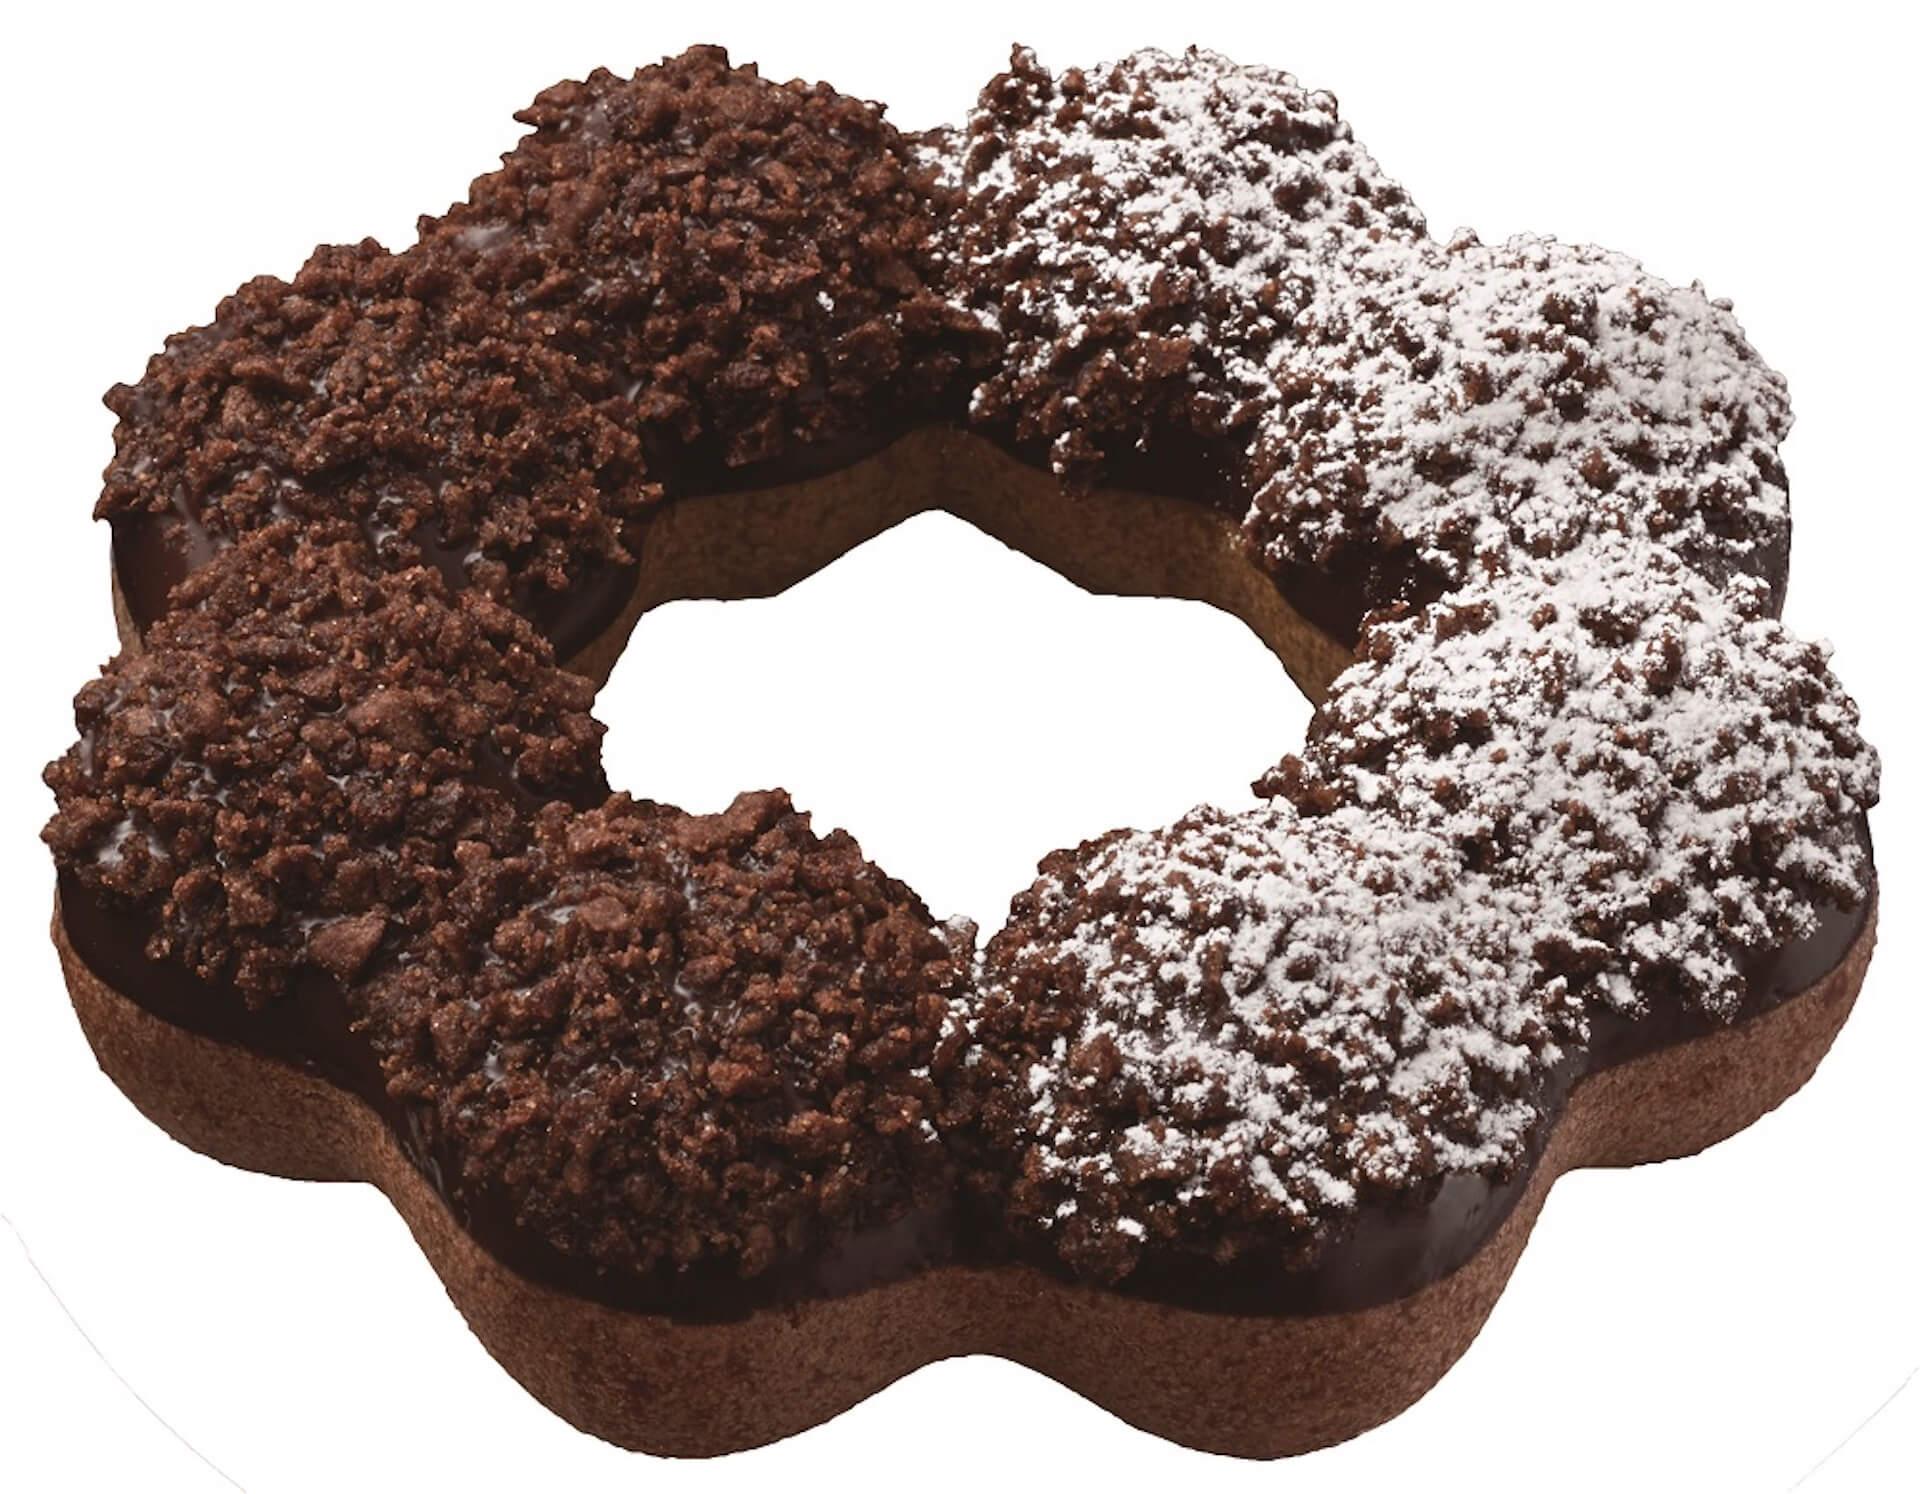 ミスタードーナツからもちもち食感の『ポン・デ・ショコラ』シリーズが今年も期間限定で登場!今年は5種類 gourmet20201028_misterdonut_4